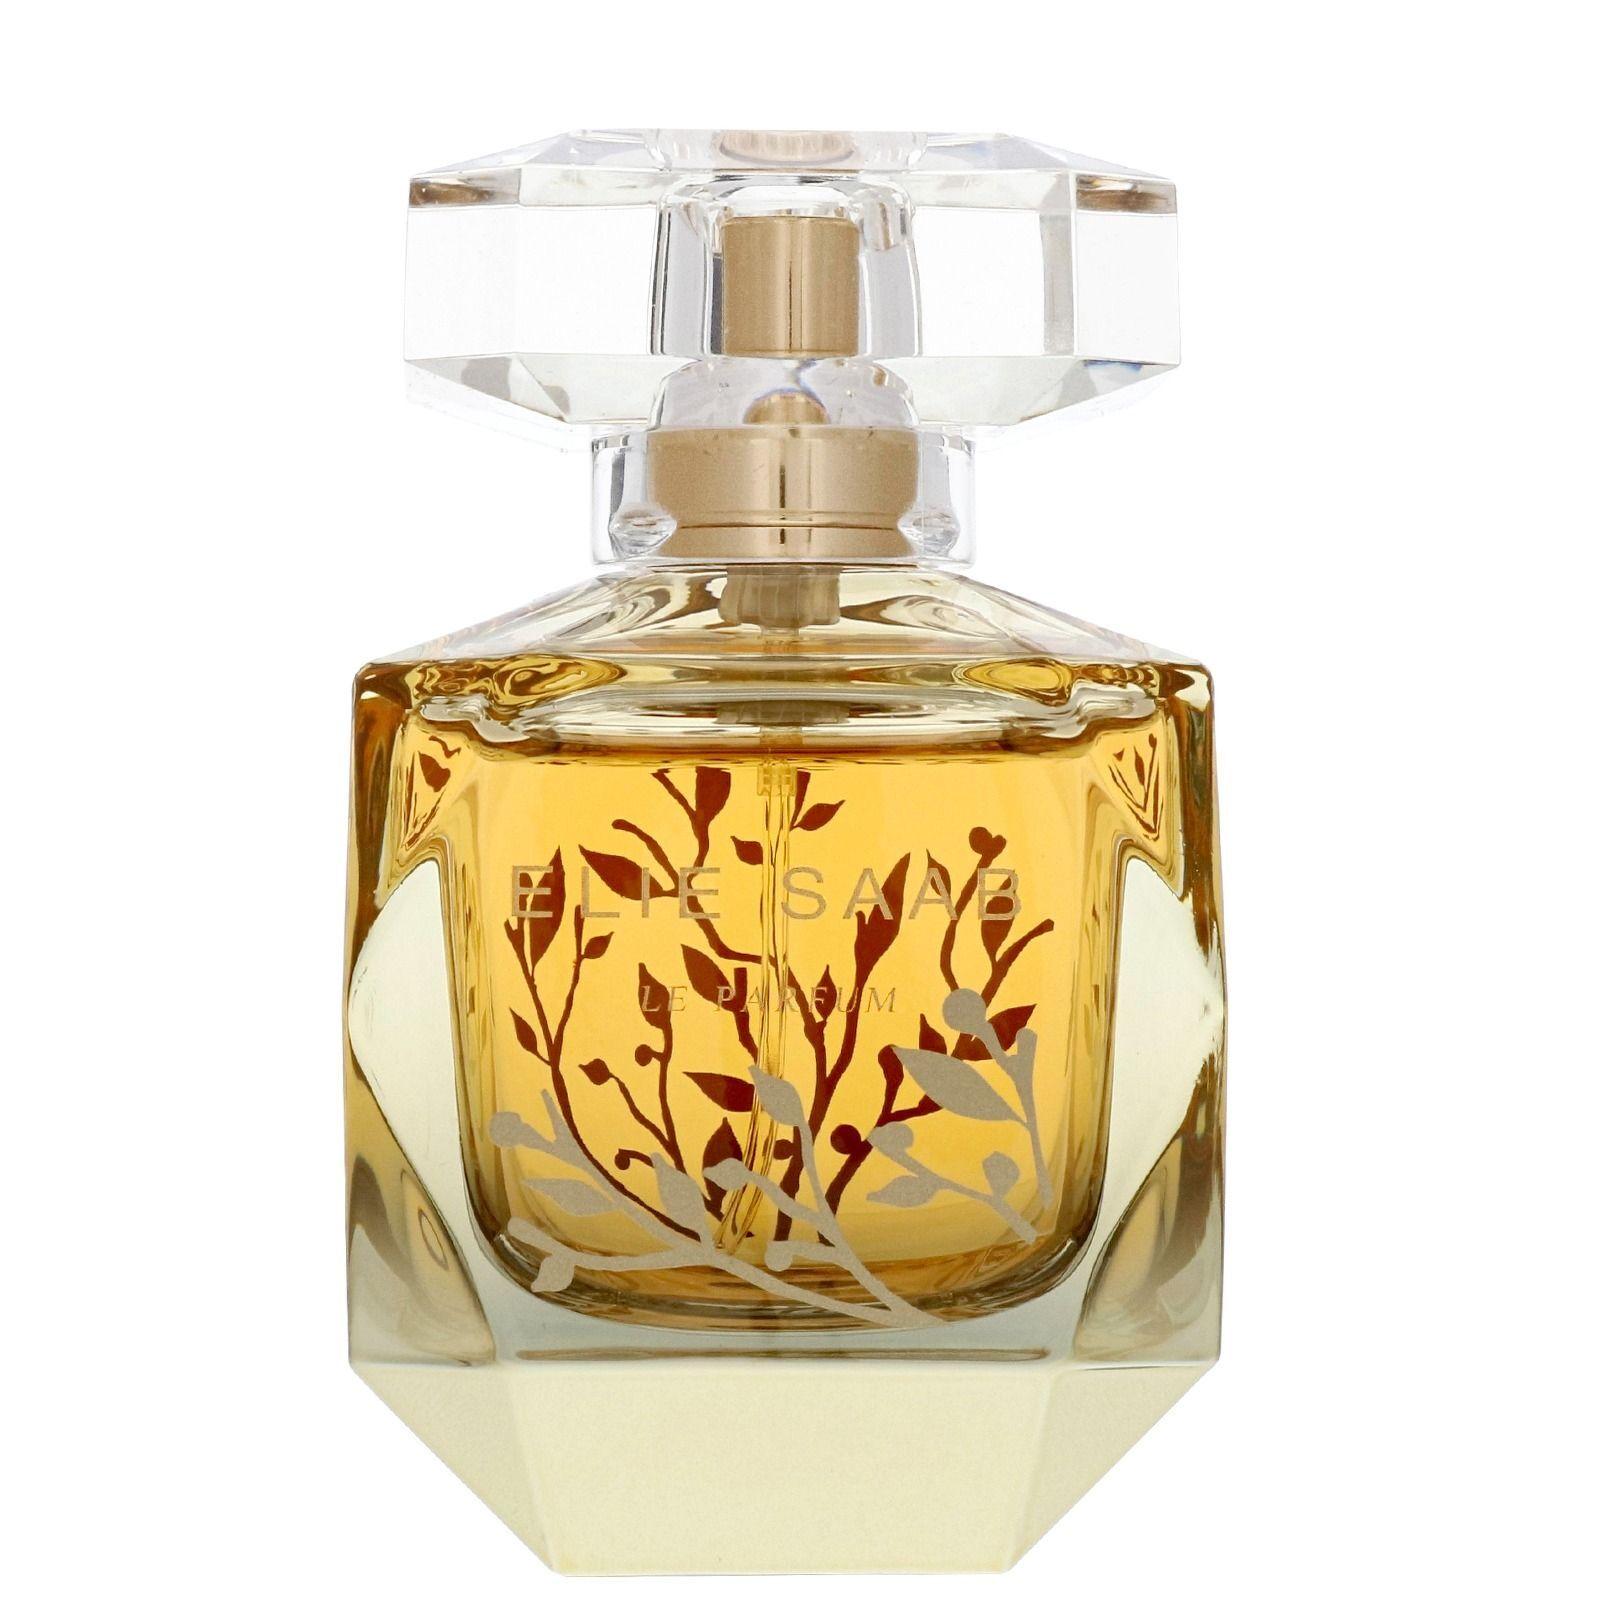 Elie Saab Le Parfum Feuilles D'or 50ml Eau de Parfum Spray